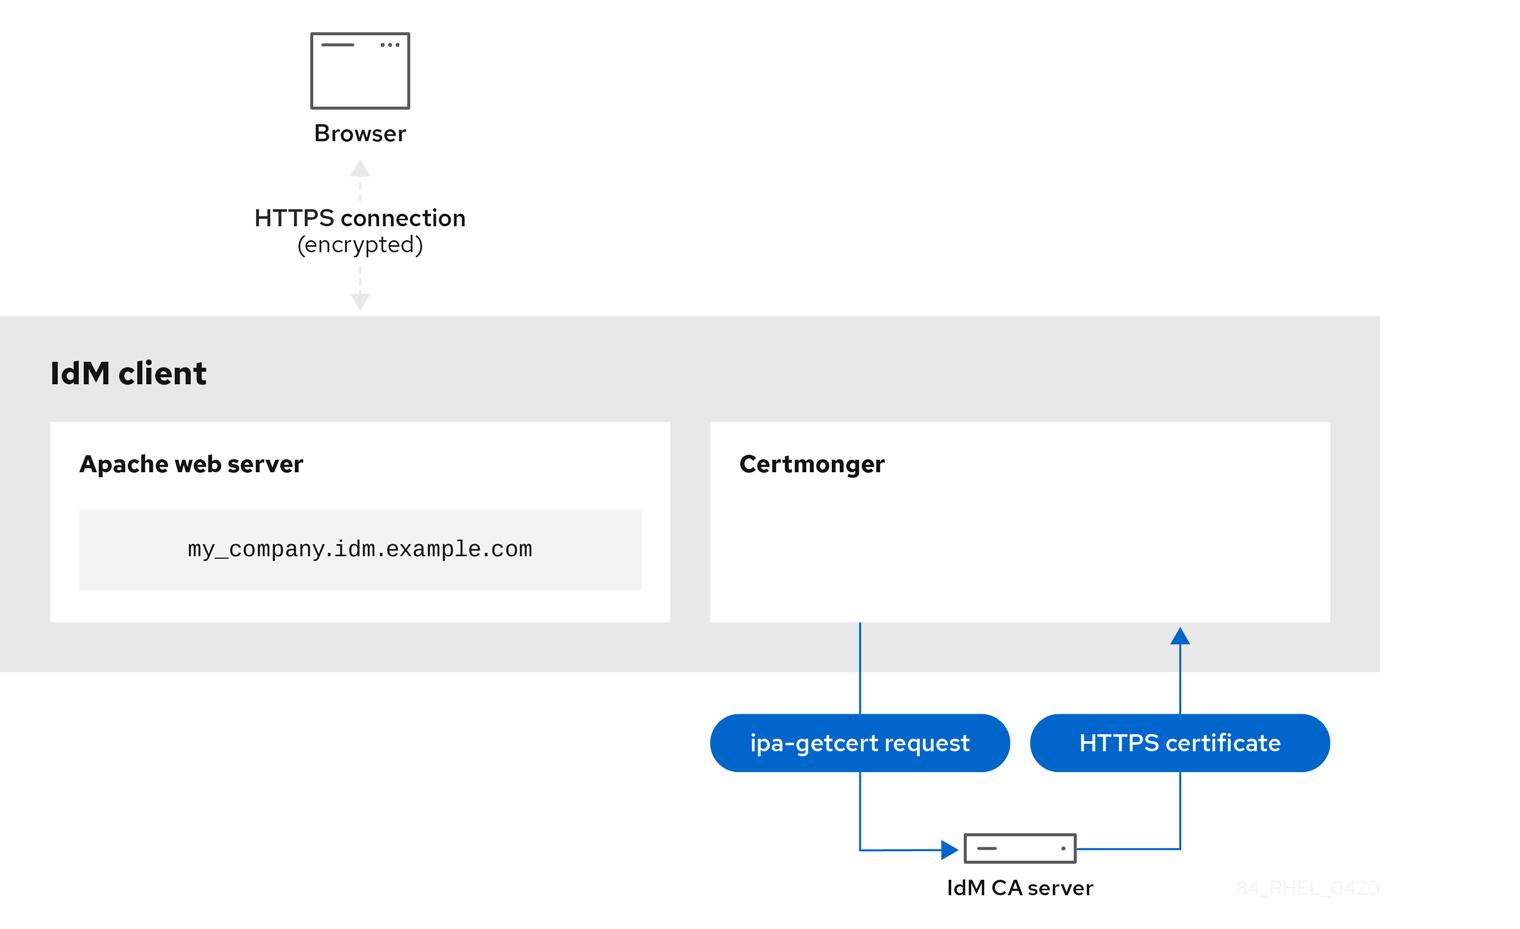 显示一个图表,显示 IdM 客户端上 certmonger 服务中连接 IdM CA 服务器的箭头,以显示它正在执行 ipa-getcert 请求。IdM CA 服务器到 Certmonger 的箭头被标记为 HTTPS 证书,以显示它正在将 HTTPS 证书传输到 certmonger 服务。